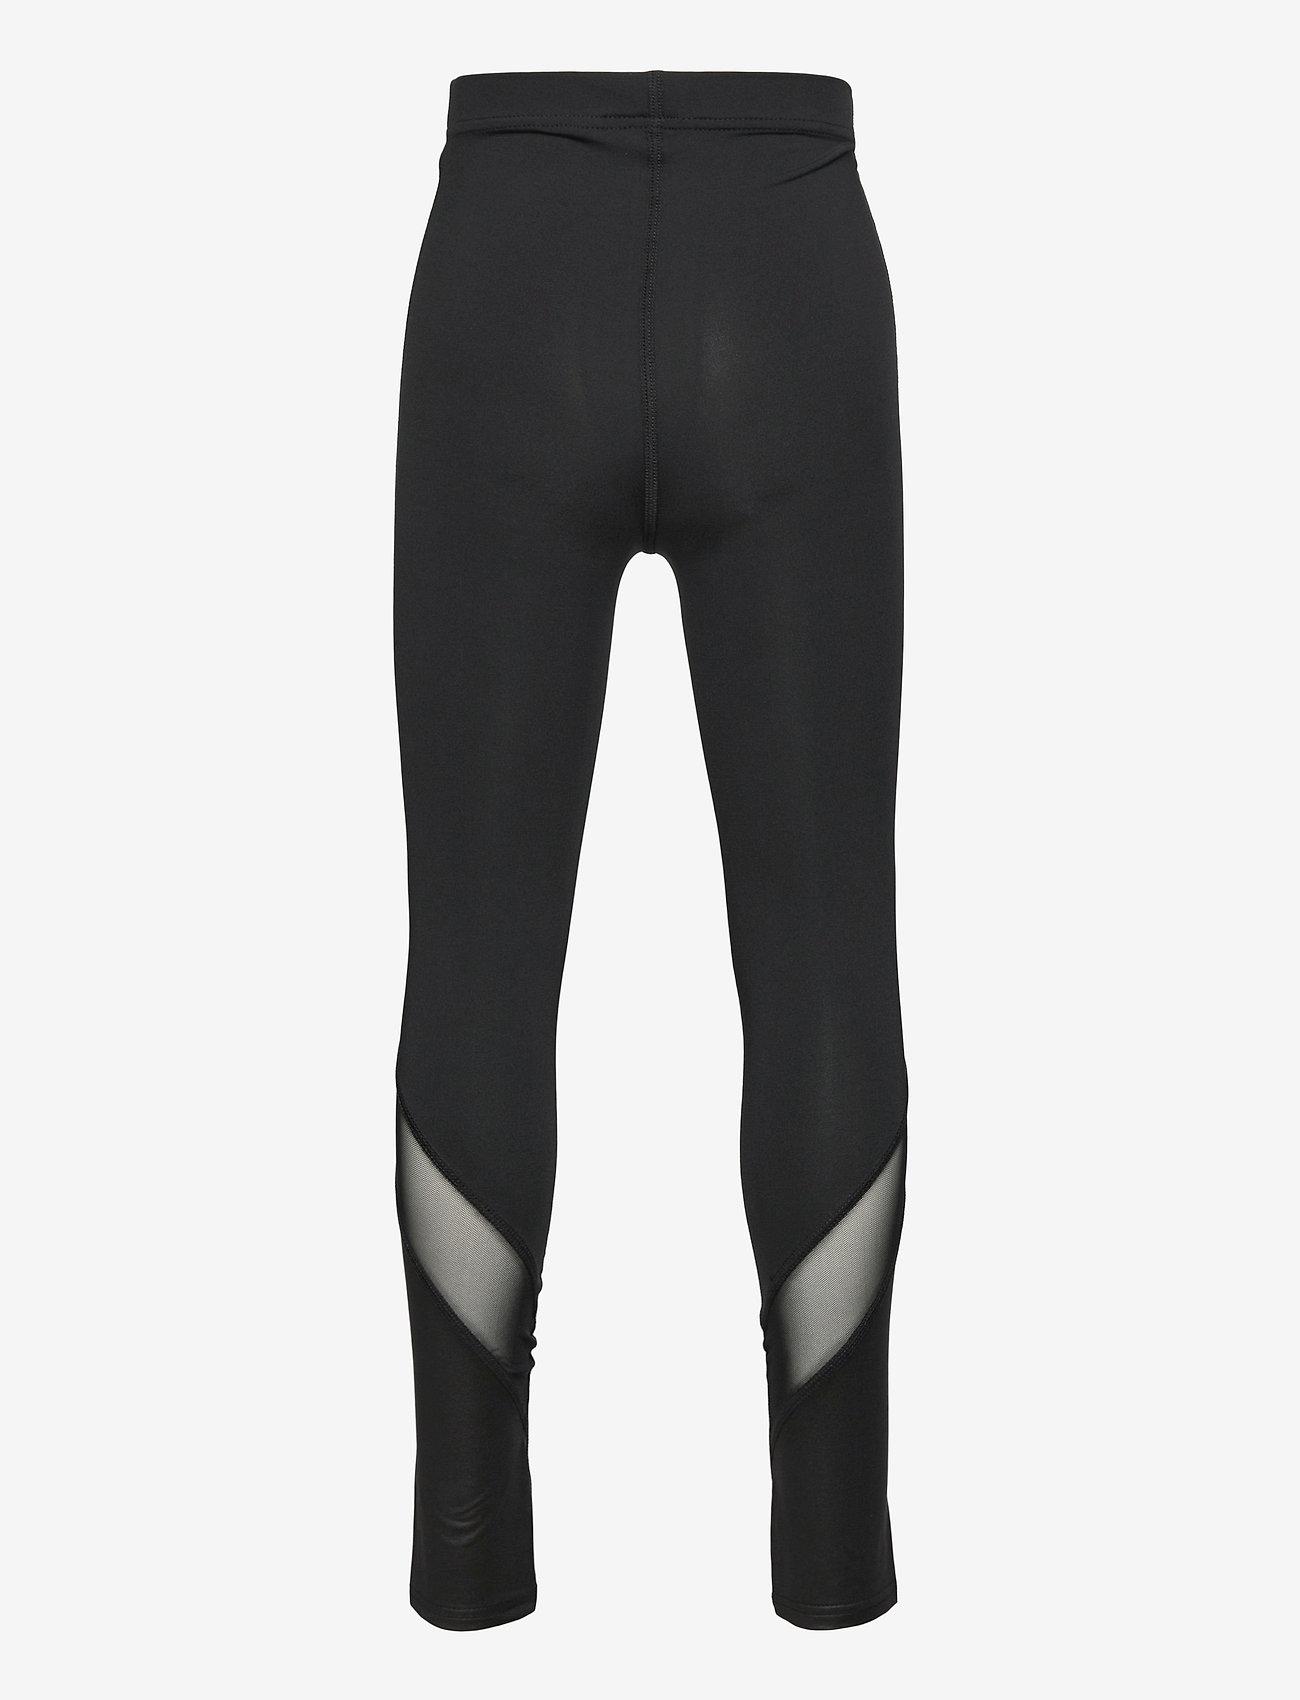 Kids Only - KONELLIE LEGGINGS JRS - leggings - black - 1